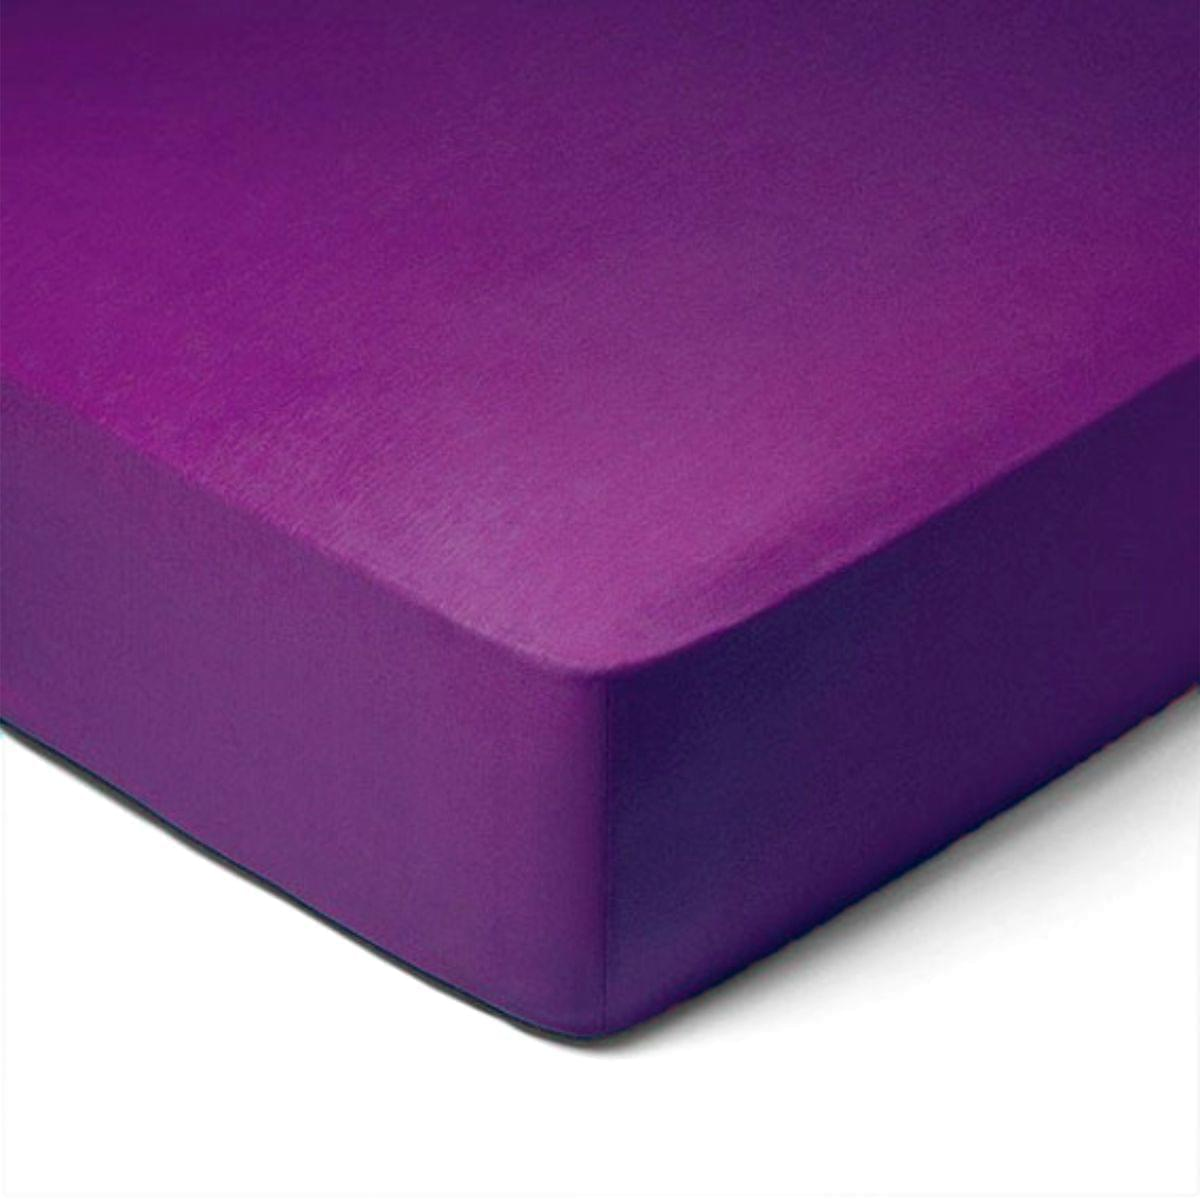 Forbyt, Prostěradlo, Jersey, tmavě fialová 180 x 200 cm